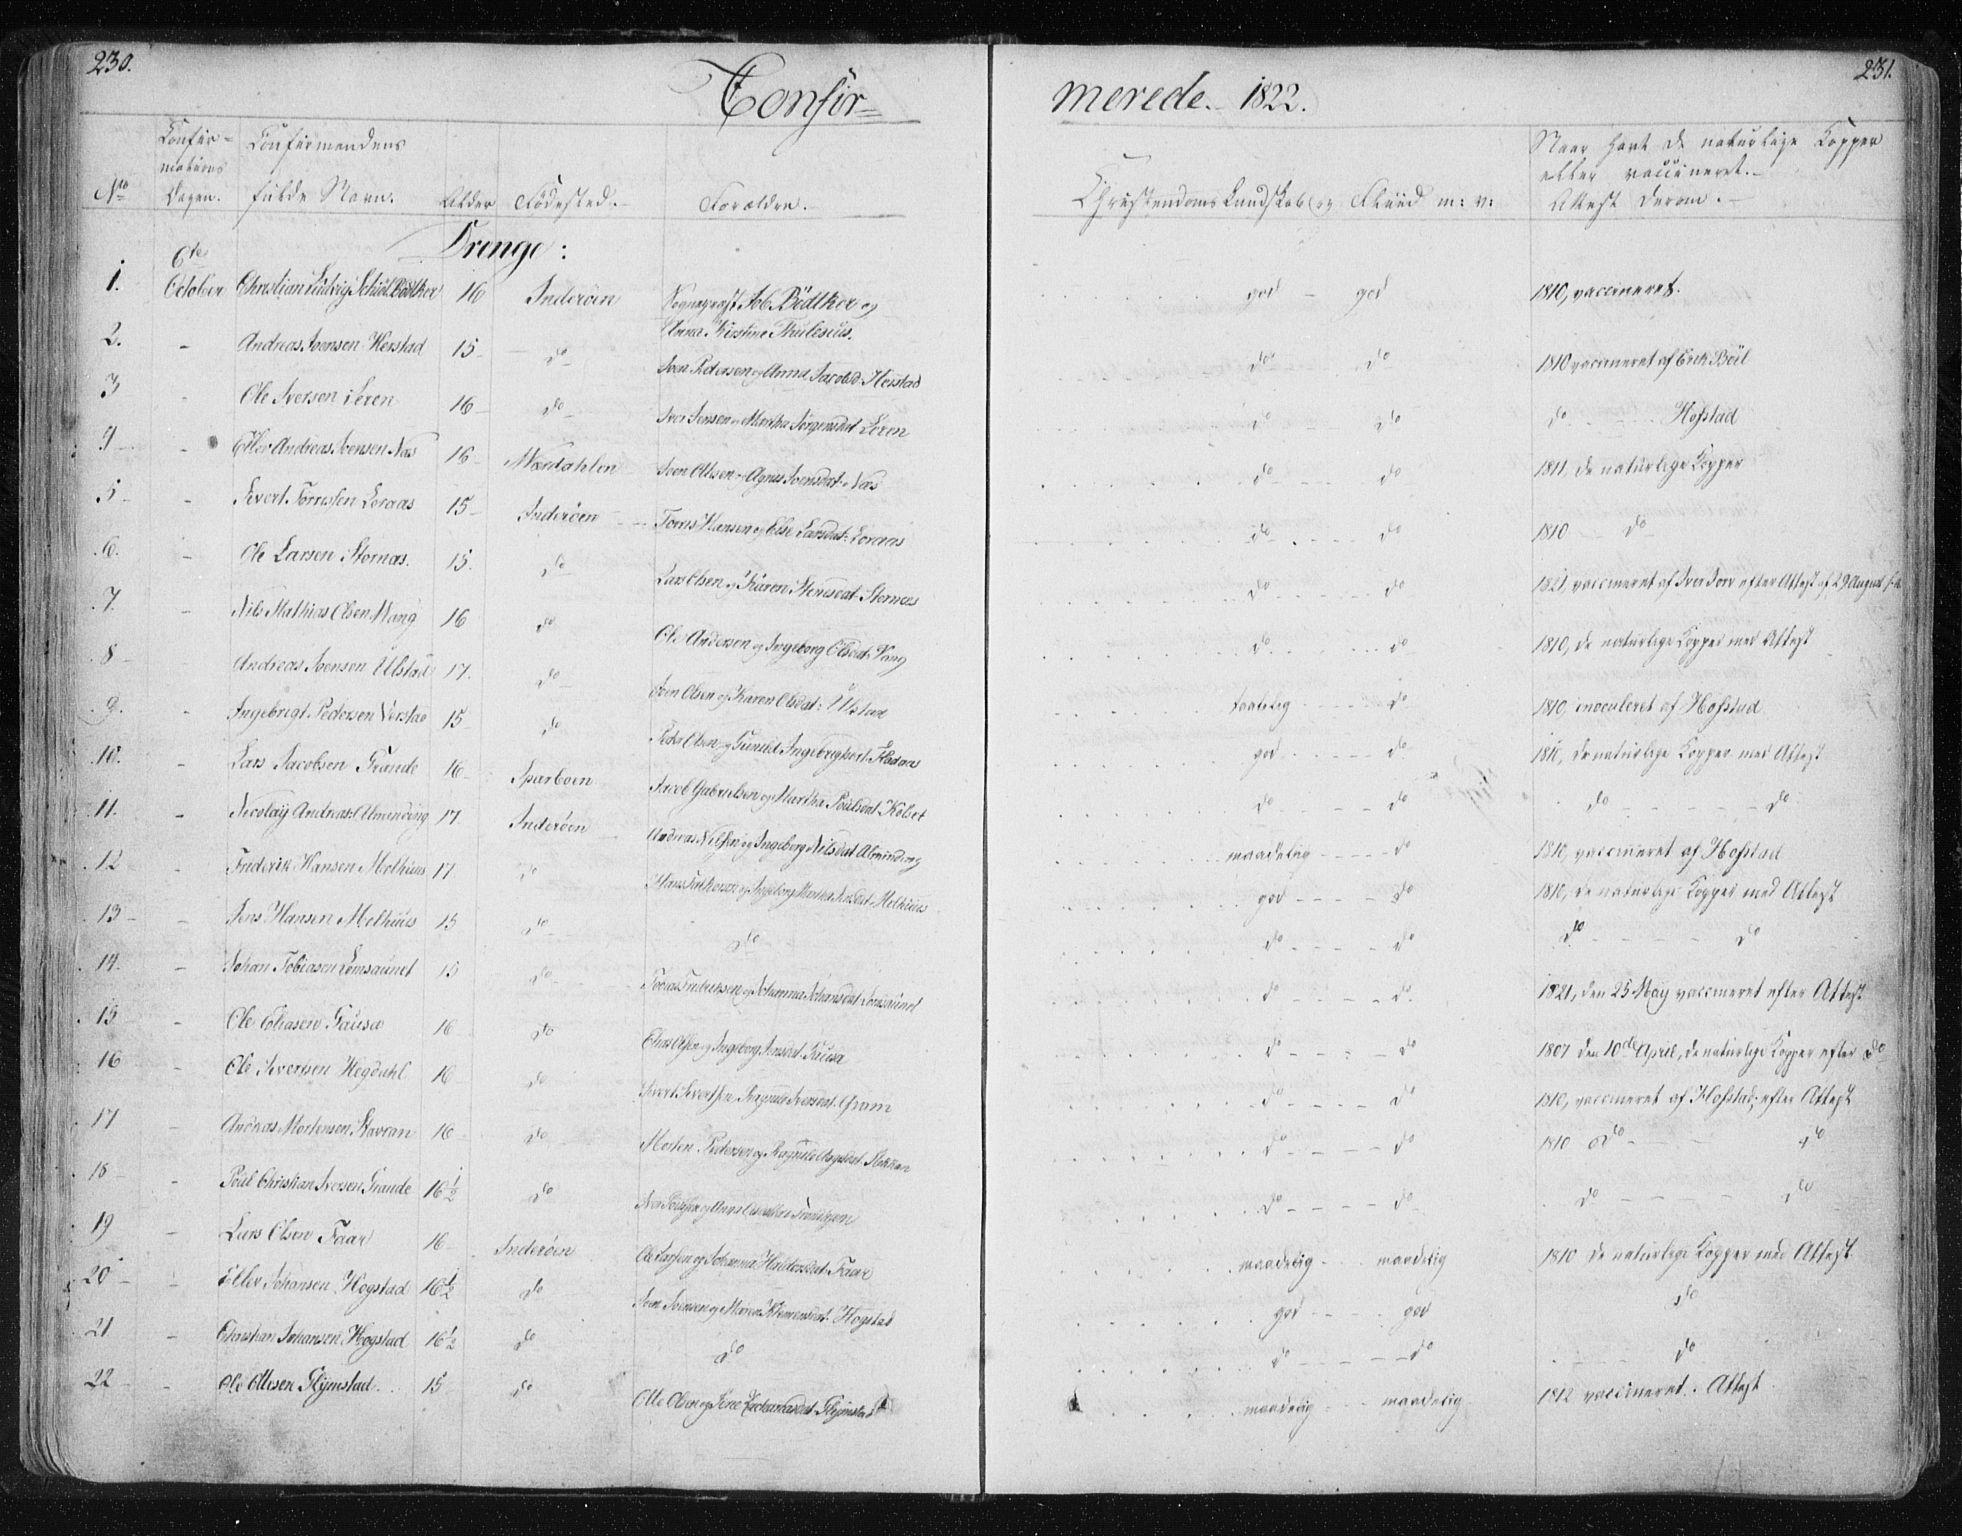 SAT, Ministerialprotokoller, klokkerbøker og fødselsregistre - Nord-Trøndelag, 730/L0276: Parish register (official) no. 730A05, 1822-1830, p. 230-231